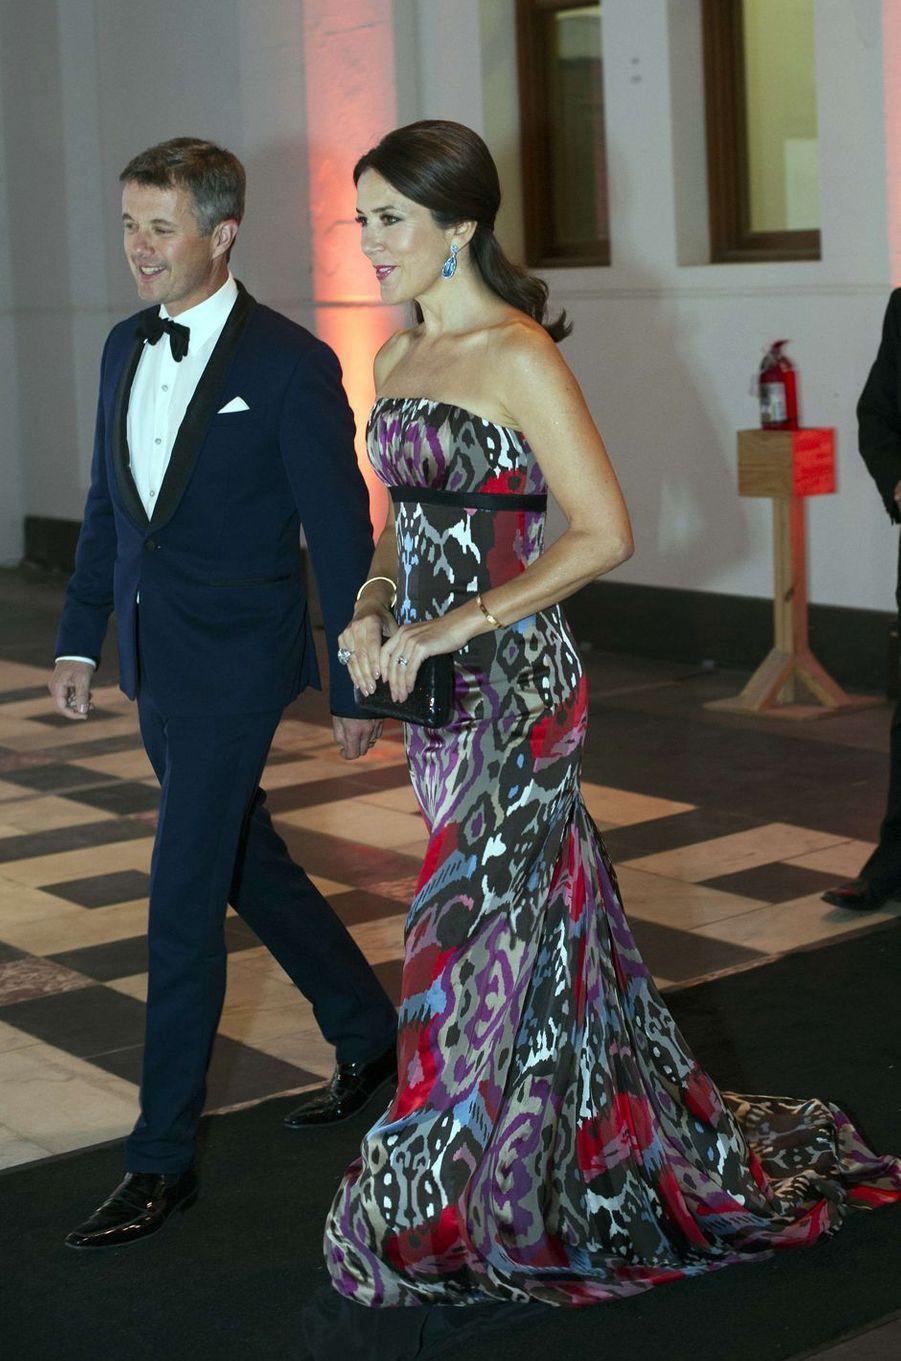 En visite de travail aux Etats-Unis, la princesse Mary et le prince Frederik de Danemark ont eu l'honneur d'ouvrir le bal ce mercredi 28 septembre, lors d'une soirée à Washington.